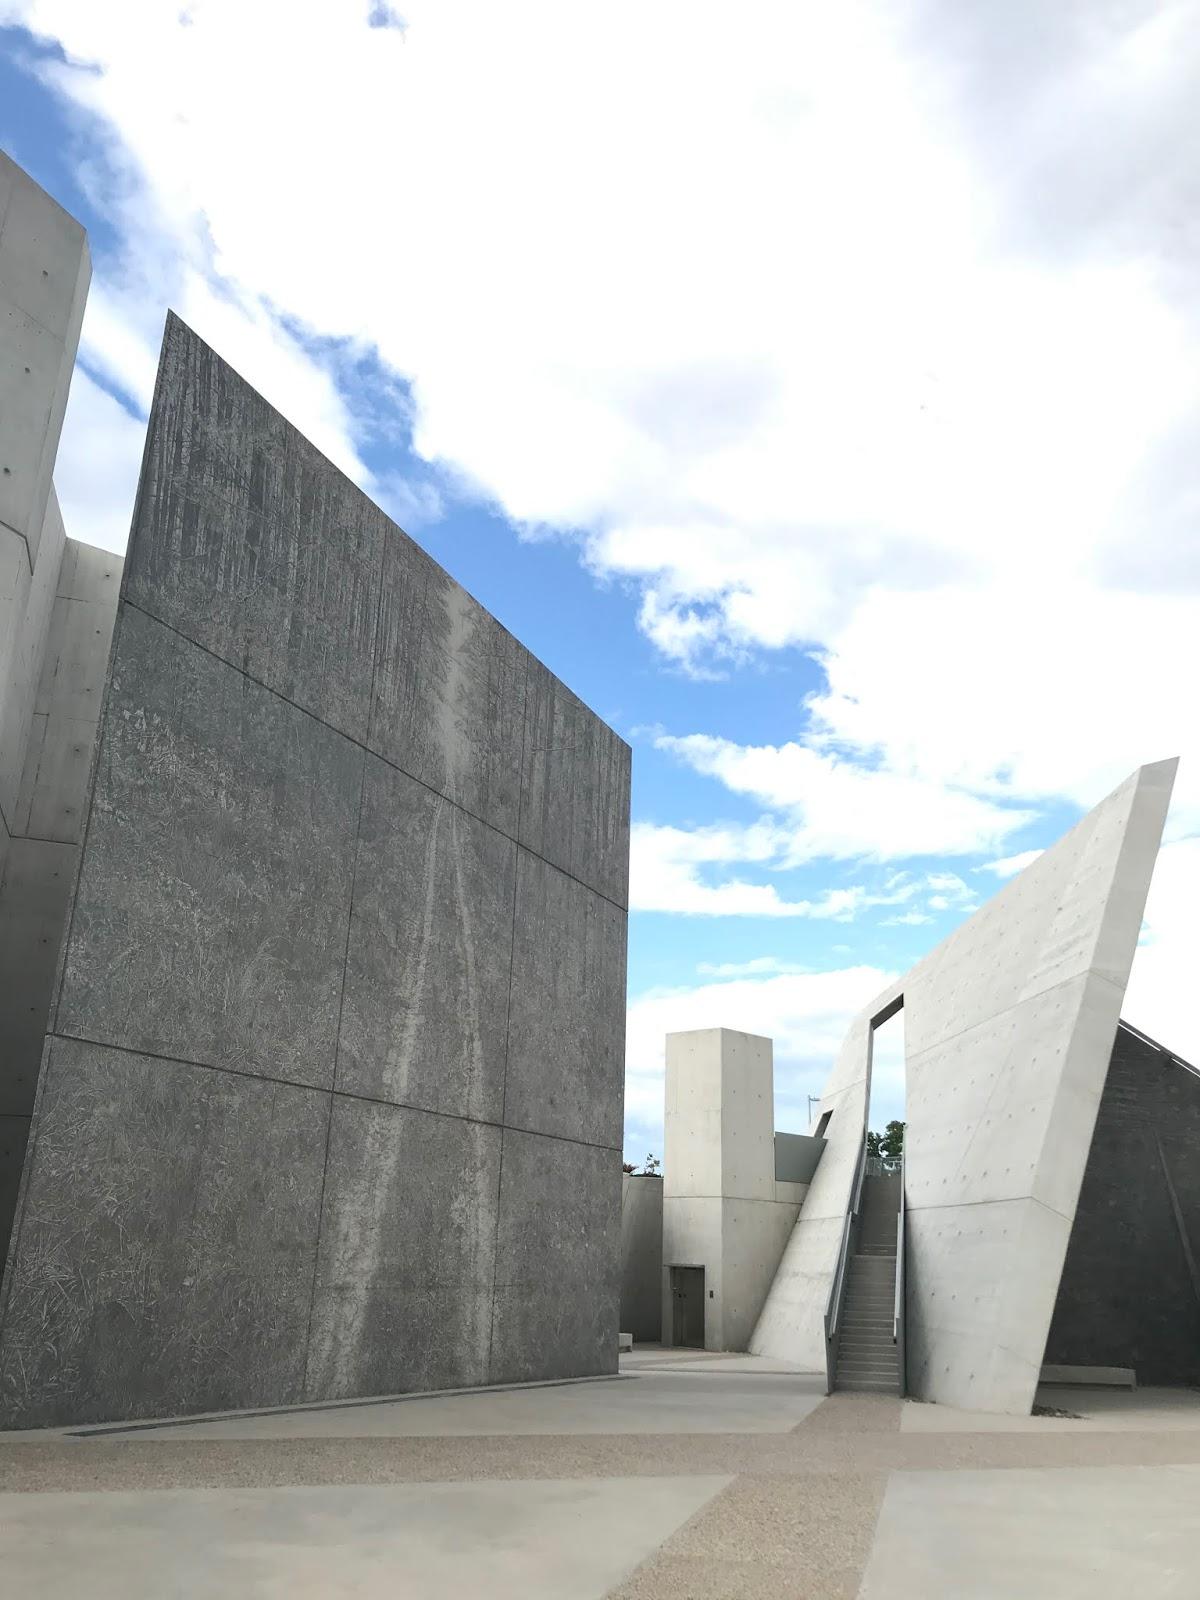 Ottawa travel tips, family summer travel, holocaust monument ottawa